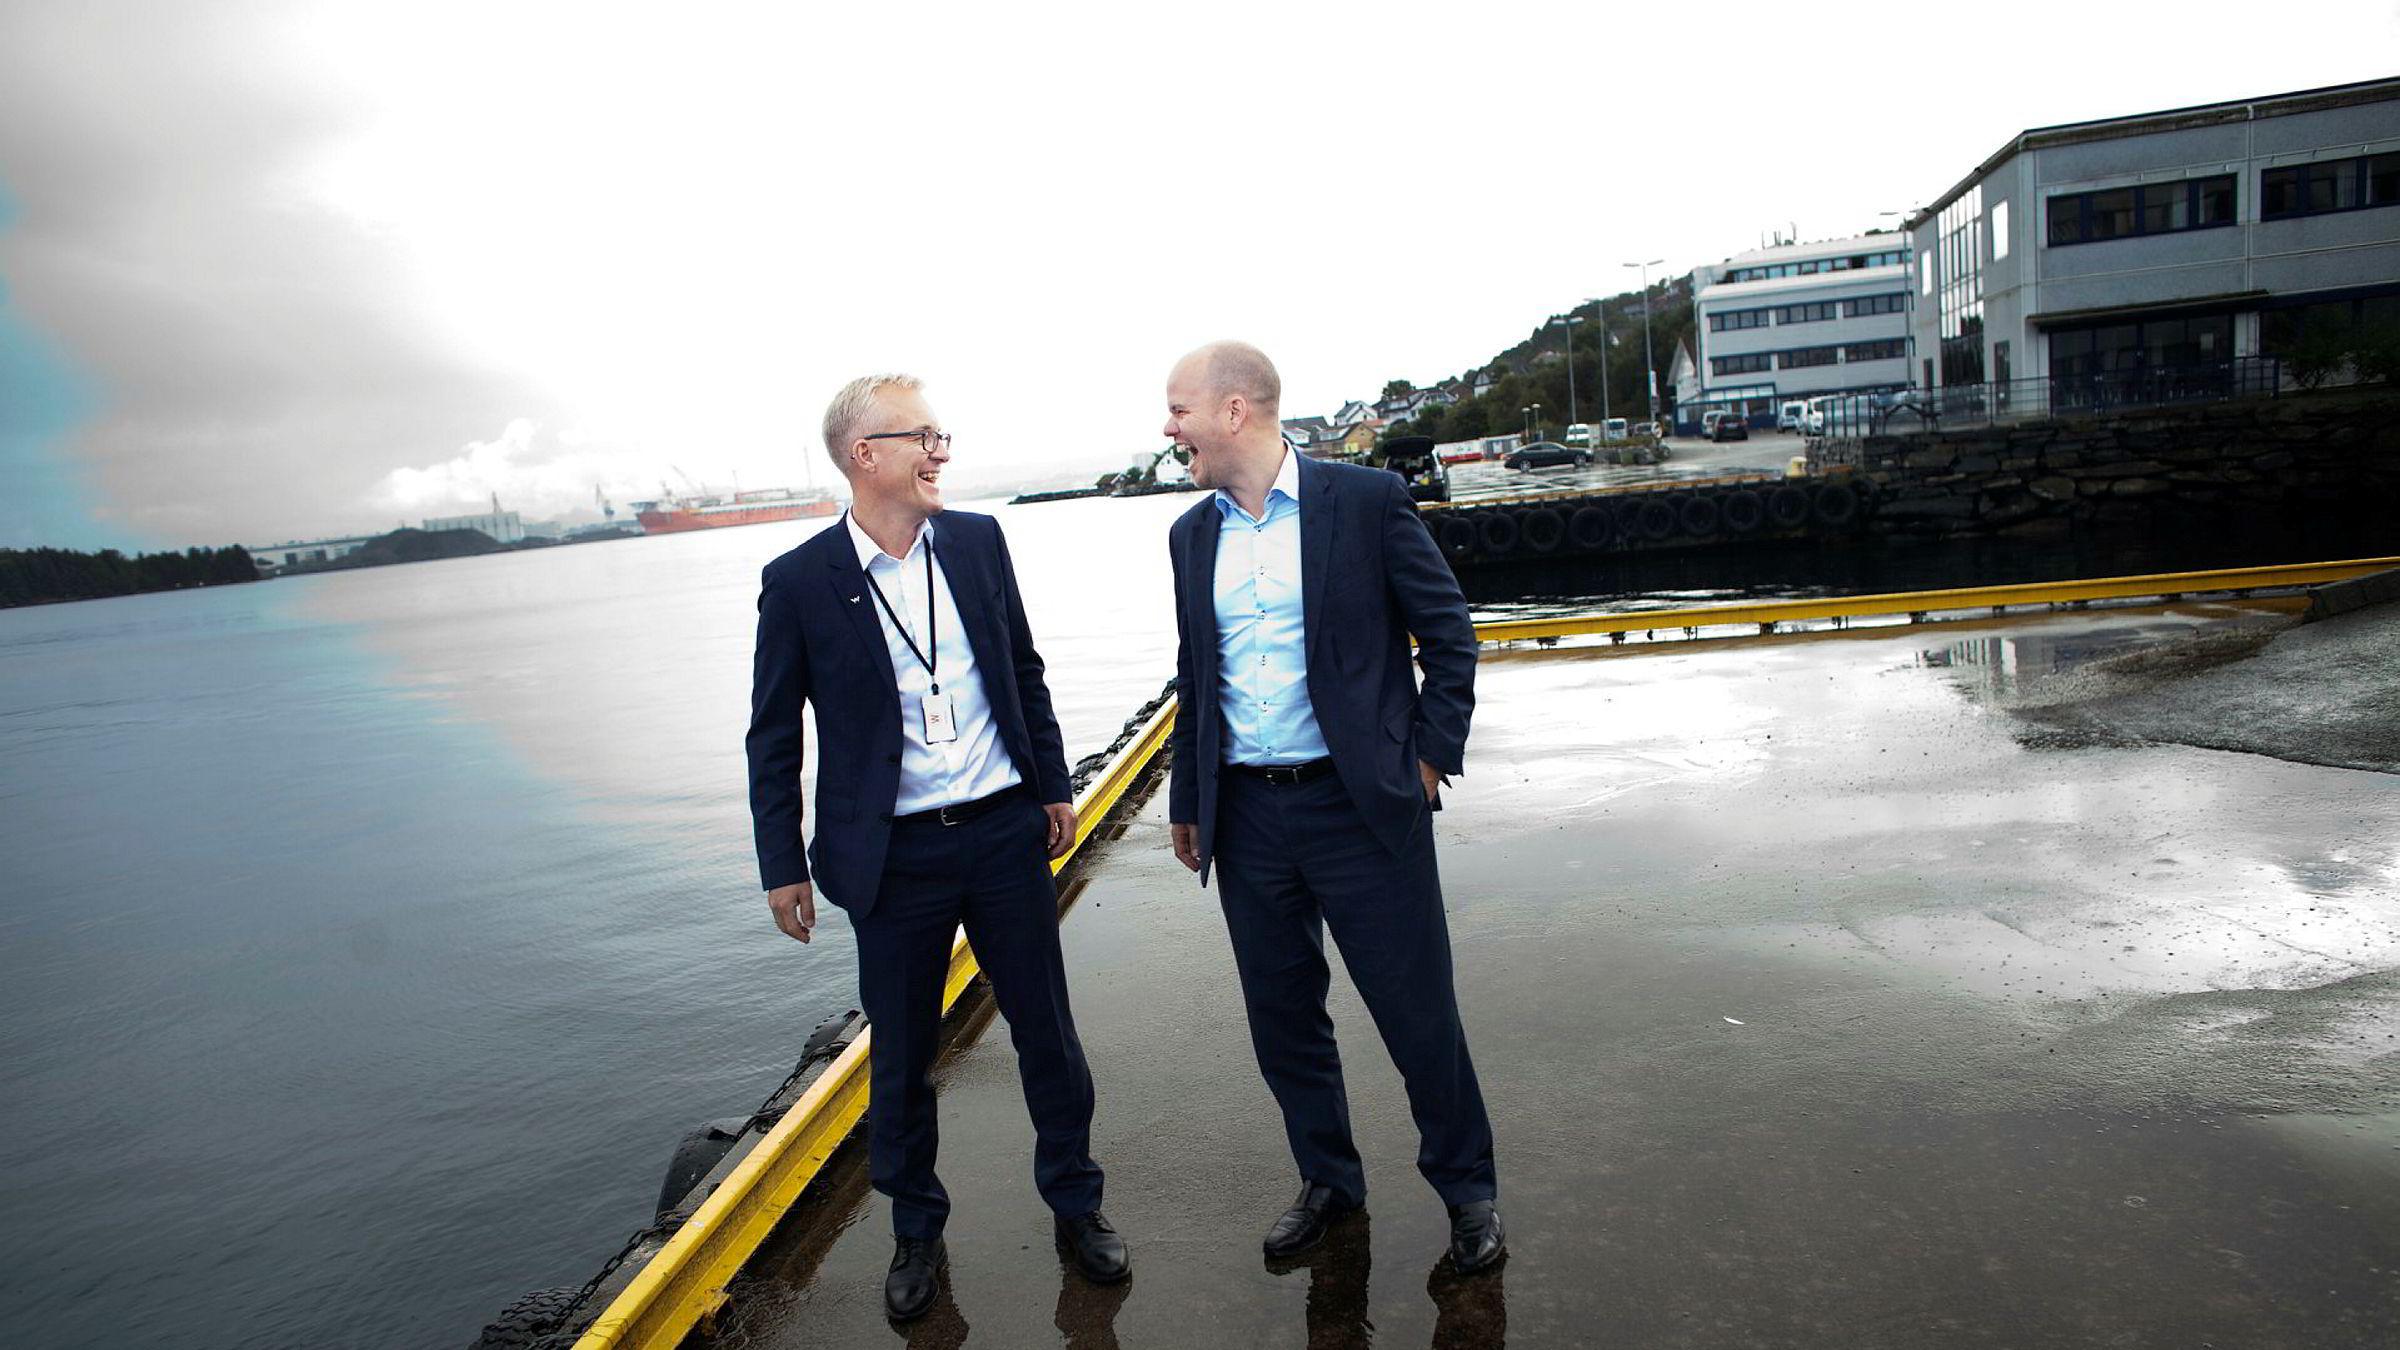 Egil Messmer (til venstre) har gjort det igjen. 1,5 år etter at han startet opp selskapet Wexus selges 60 prosent av aksjene til Norvestor og Tor Erling Gunnerød for rundt 150 millioner kroner.